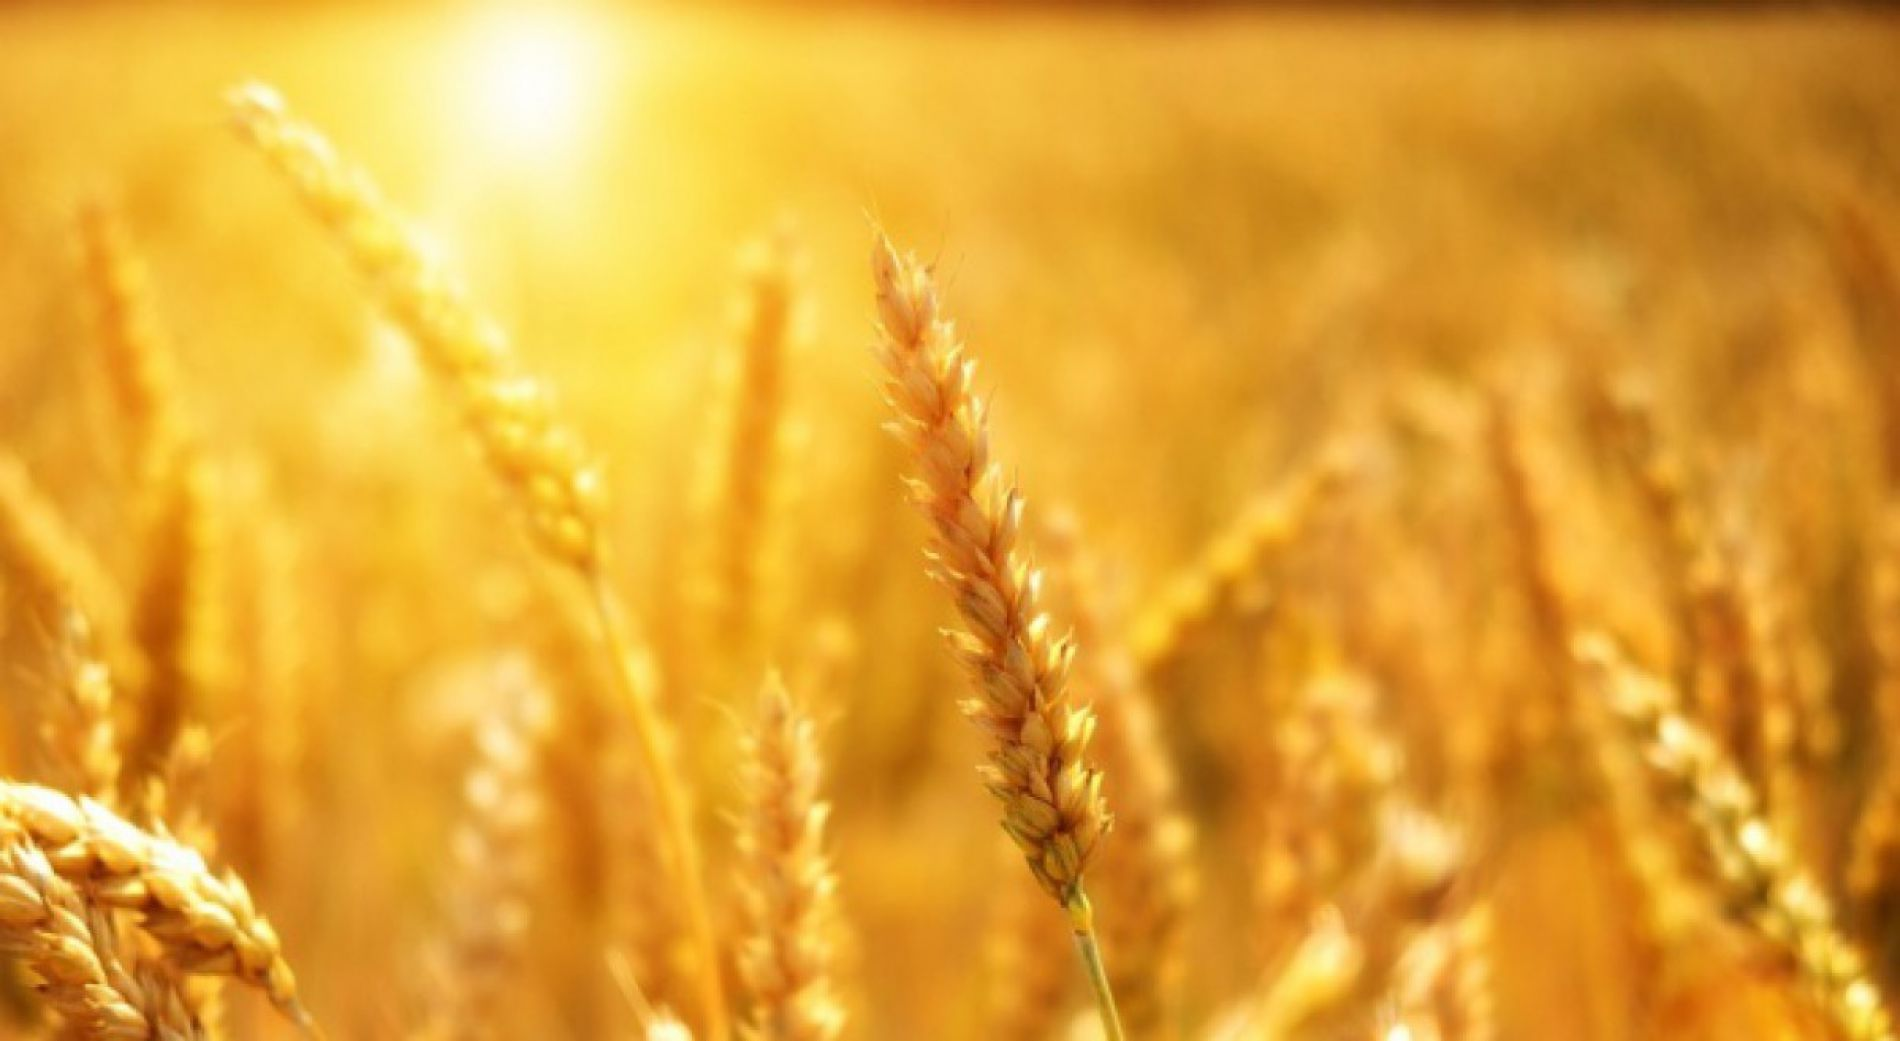 Урожай зерна в Сливене очень хорошего качества